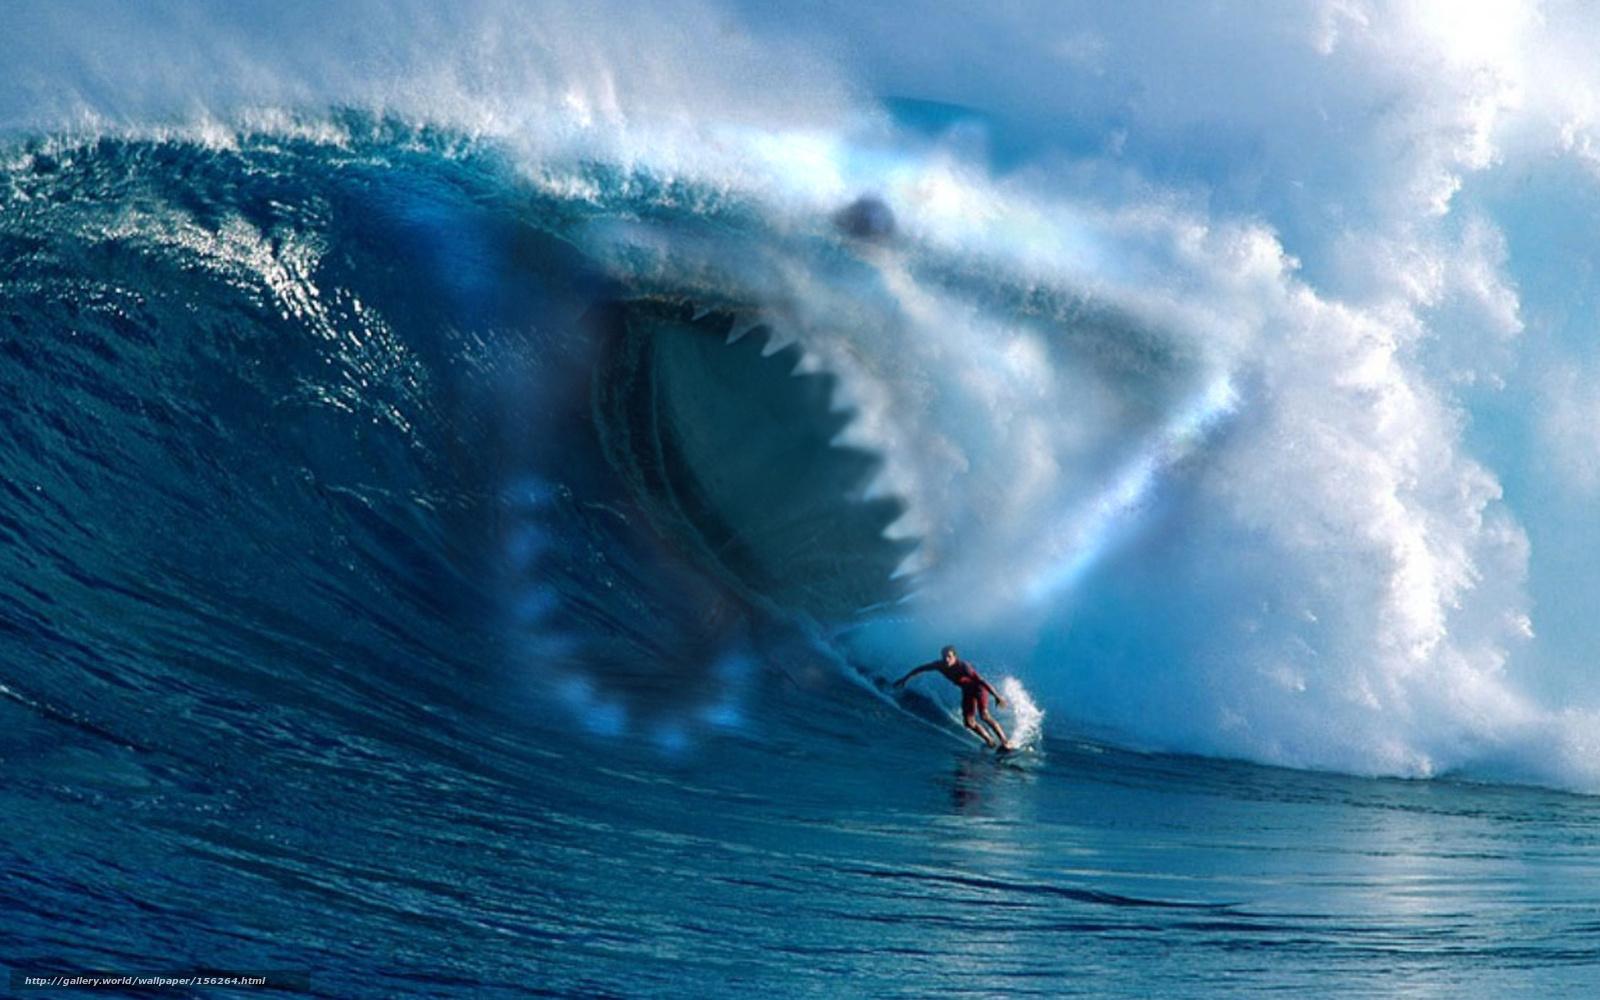 ловить волну на море дайвер или серфингист